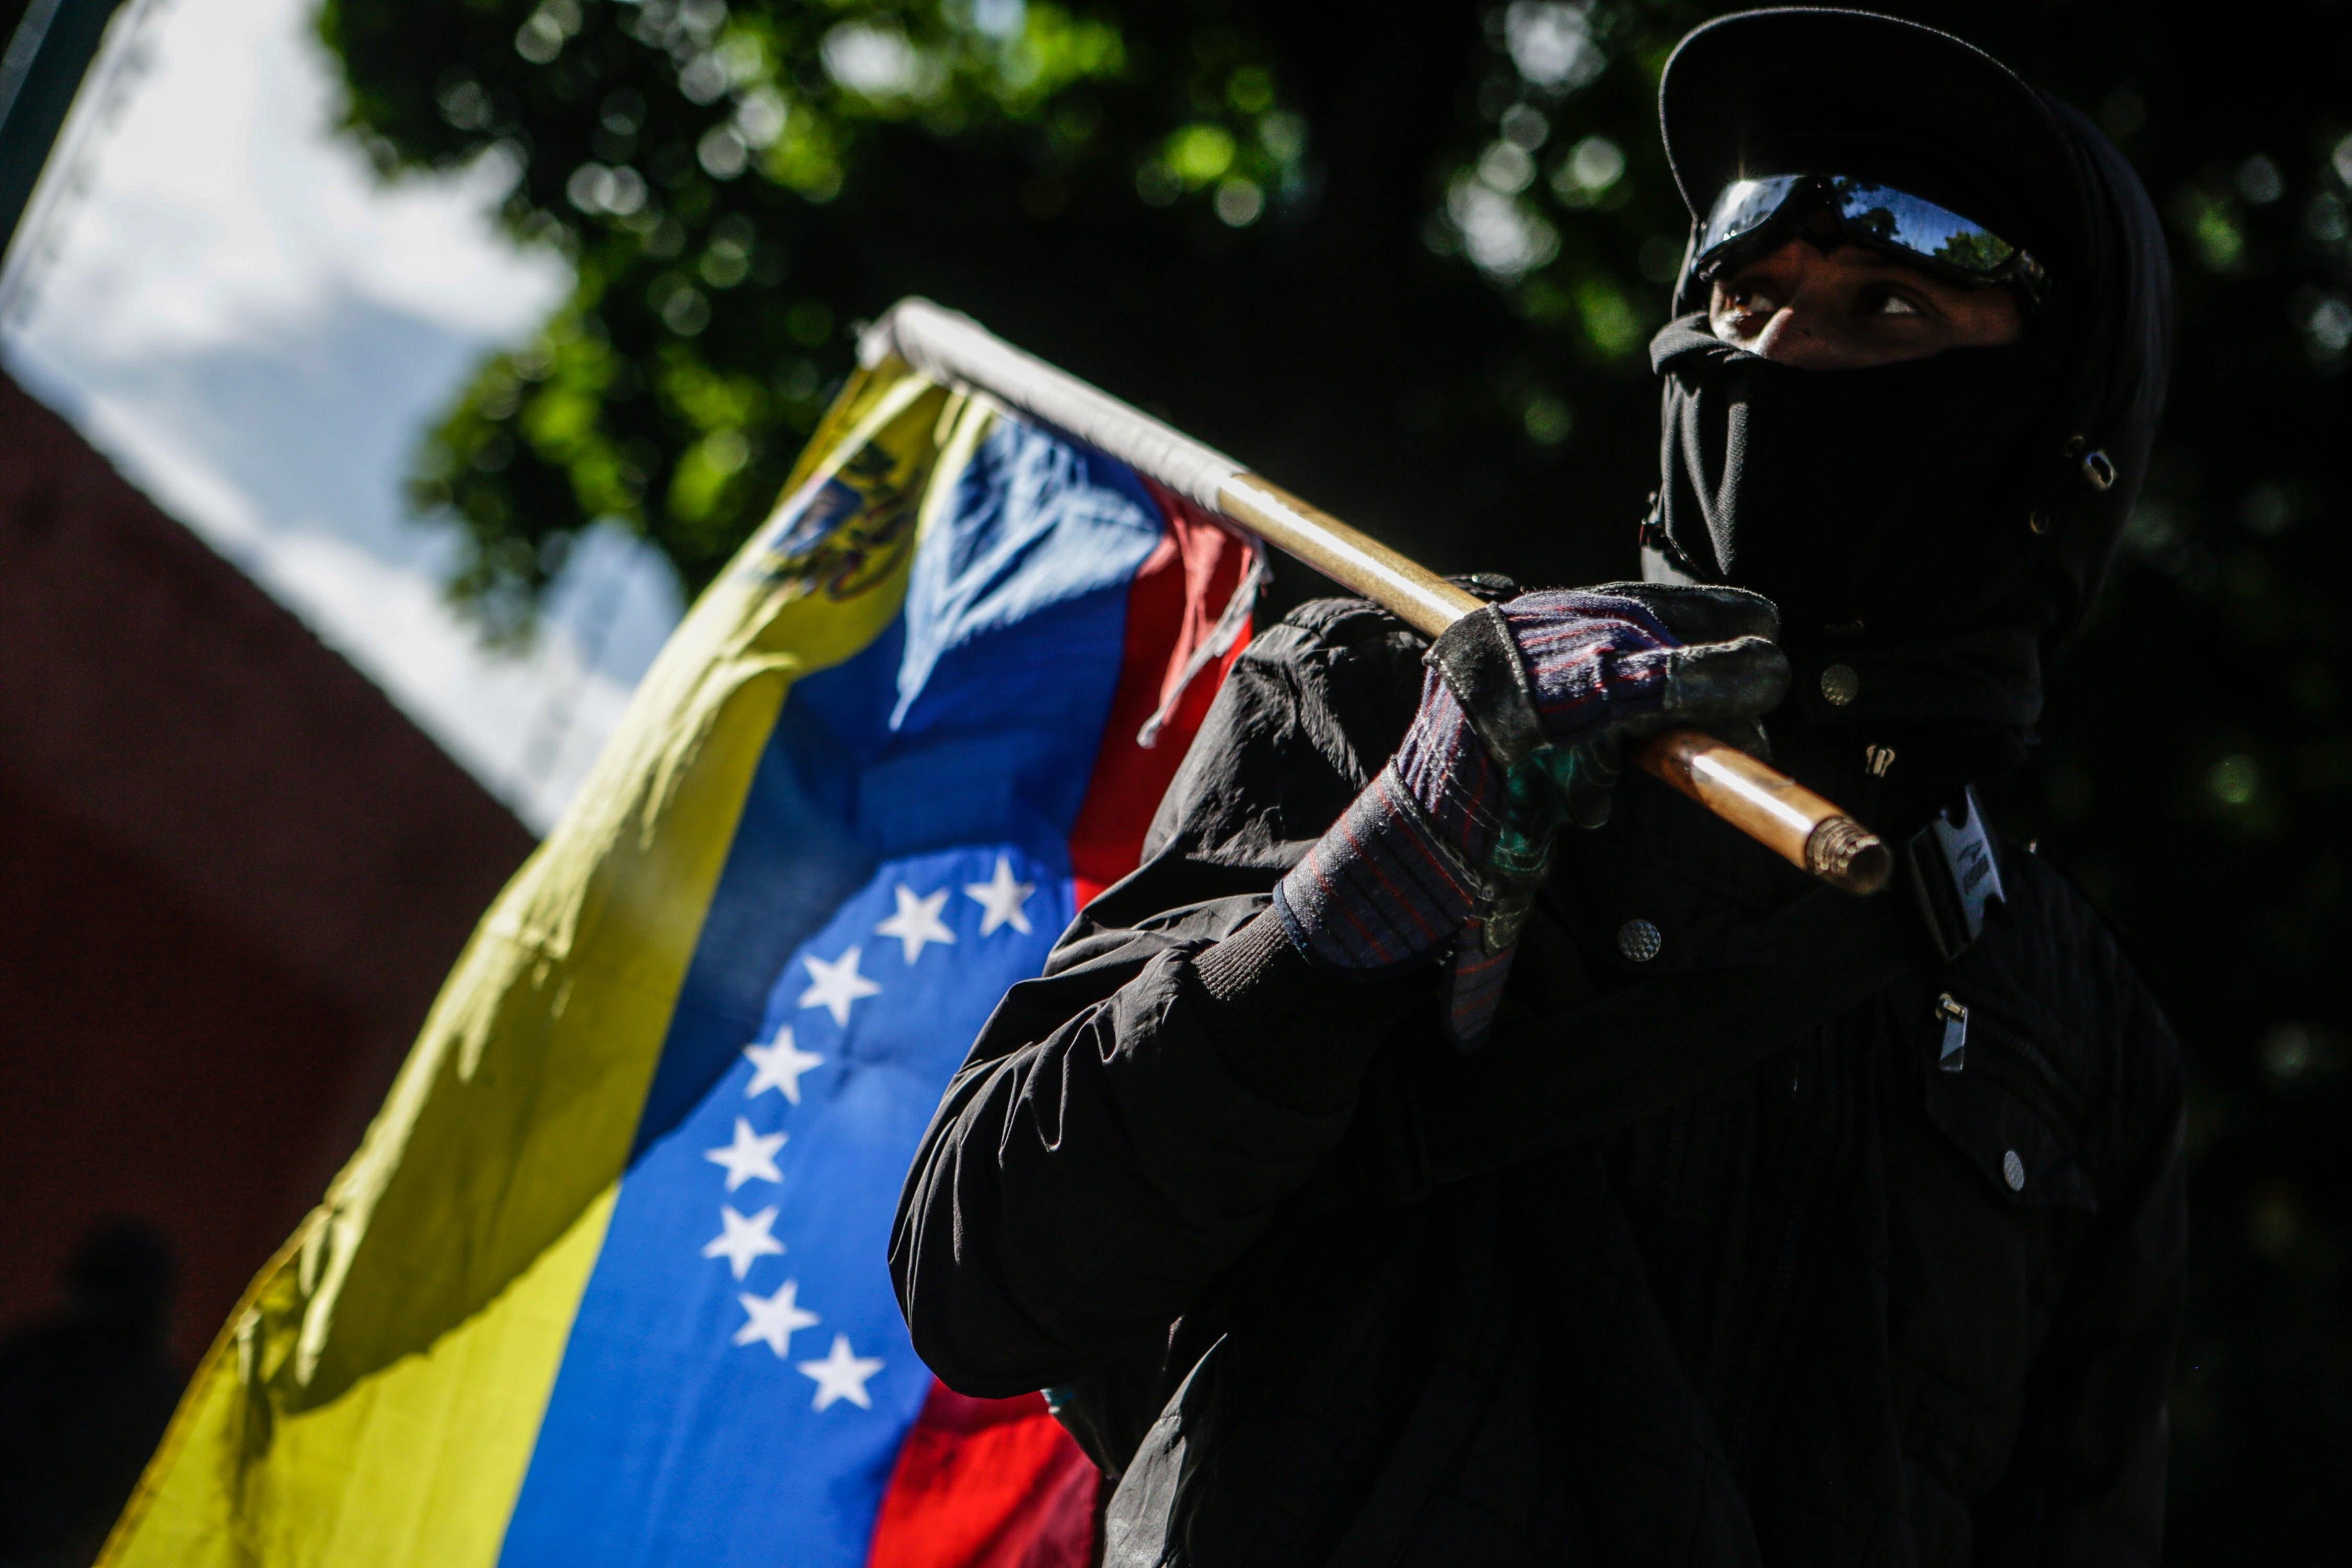 Grupos chavistas invadem Assembleia Nacional e ferem deputados